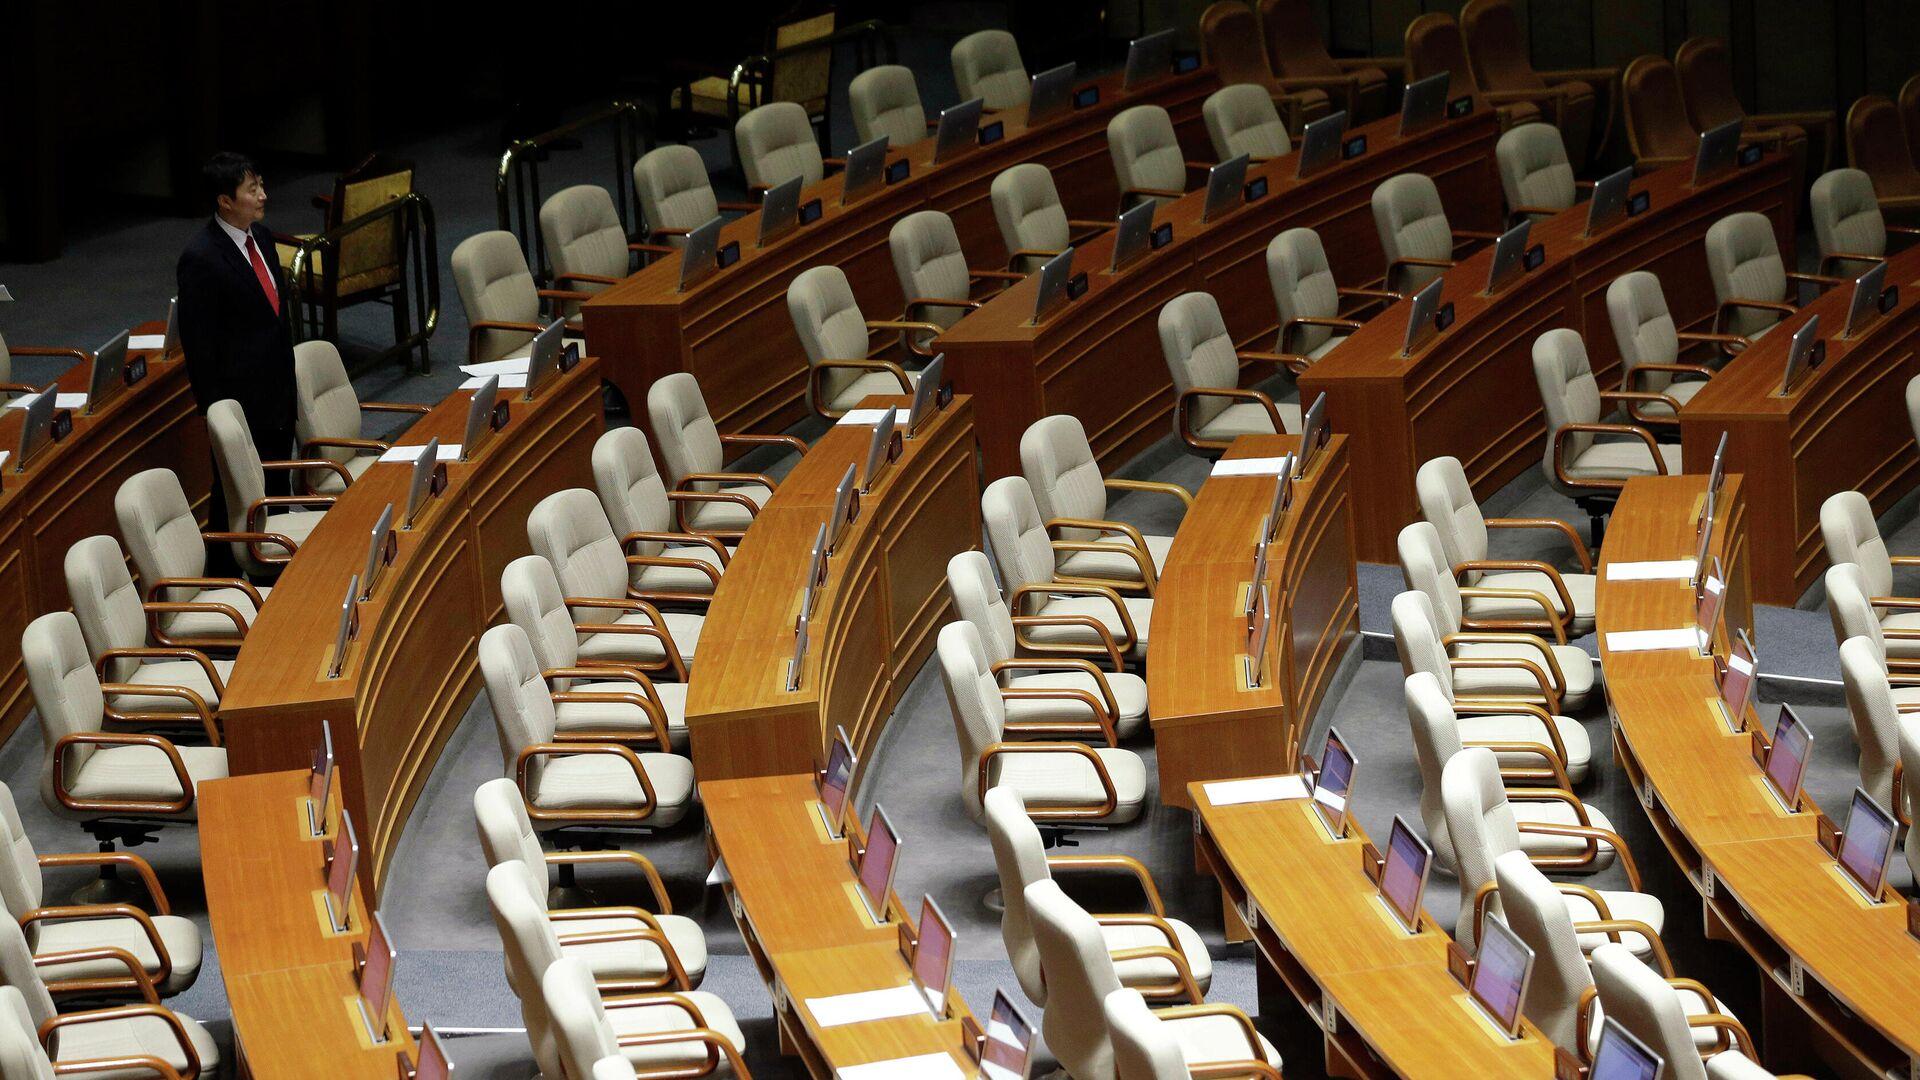 Кресла в здании Национального собрания в Сеуле - РИА Новости, 1920, 06.01.2021